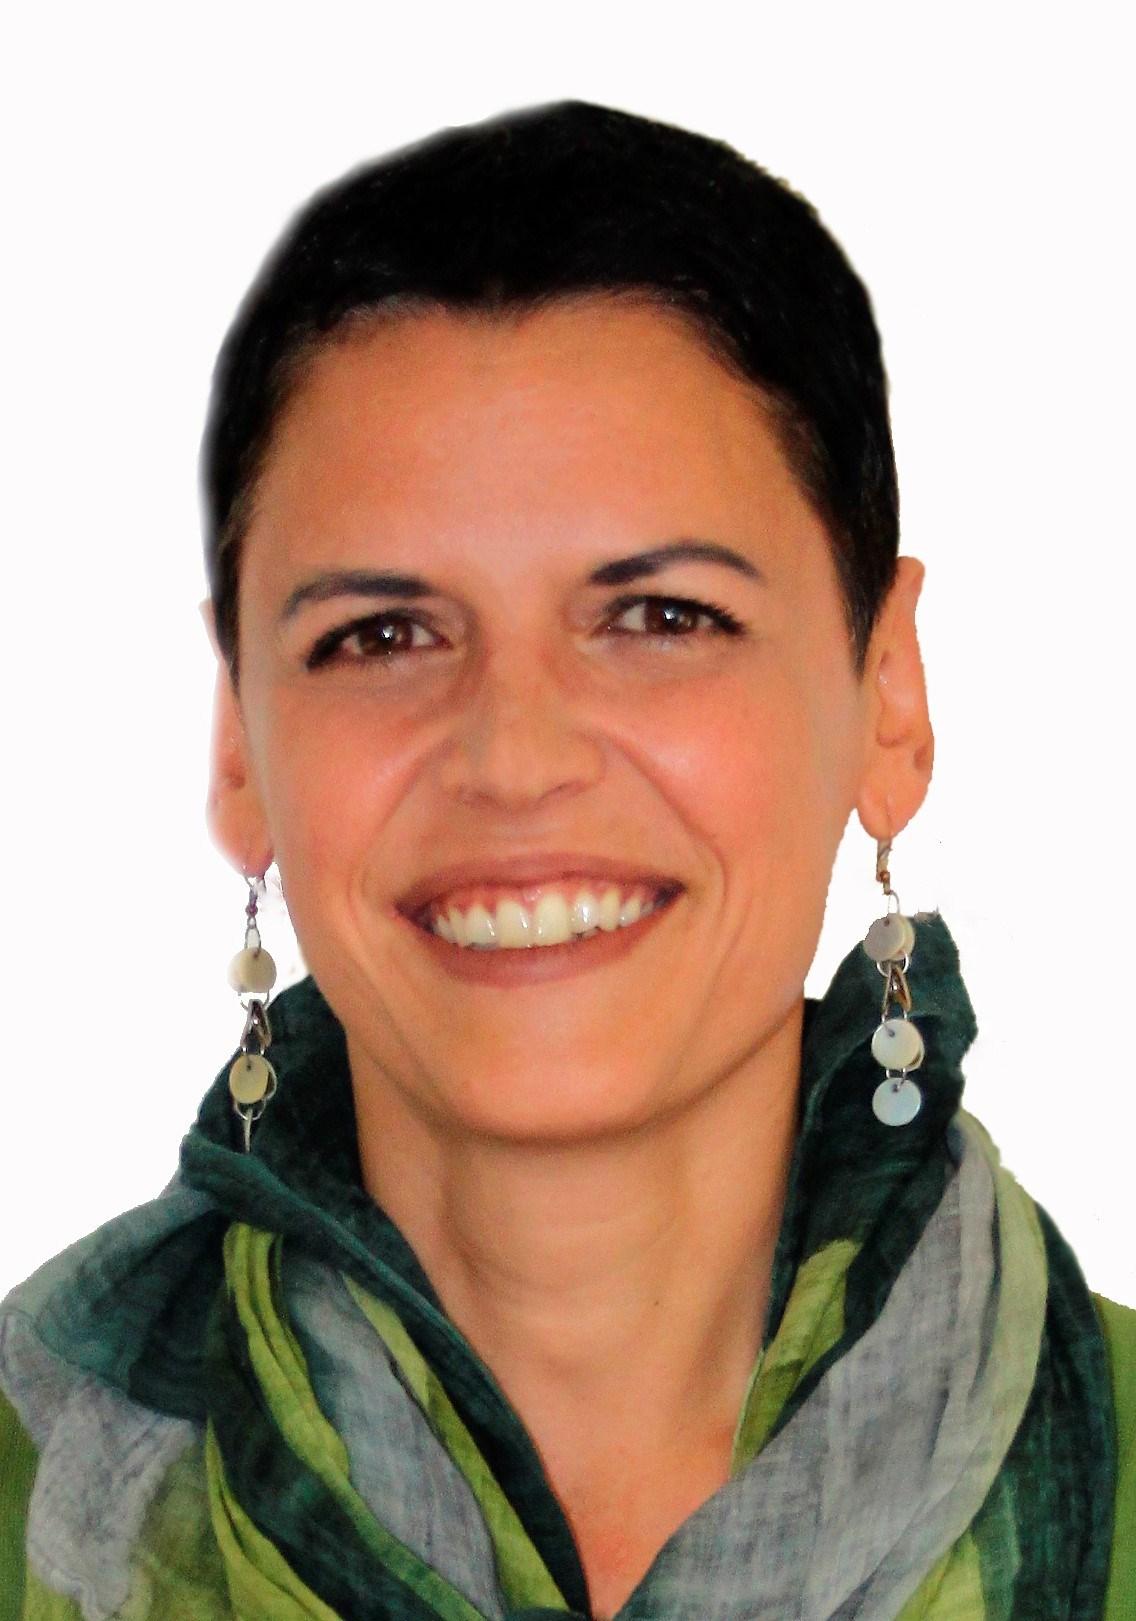 Raquel Sanchez Jimenez